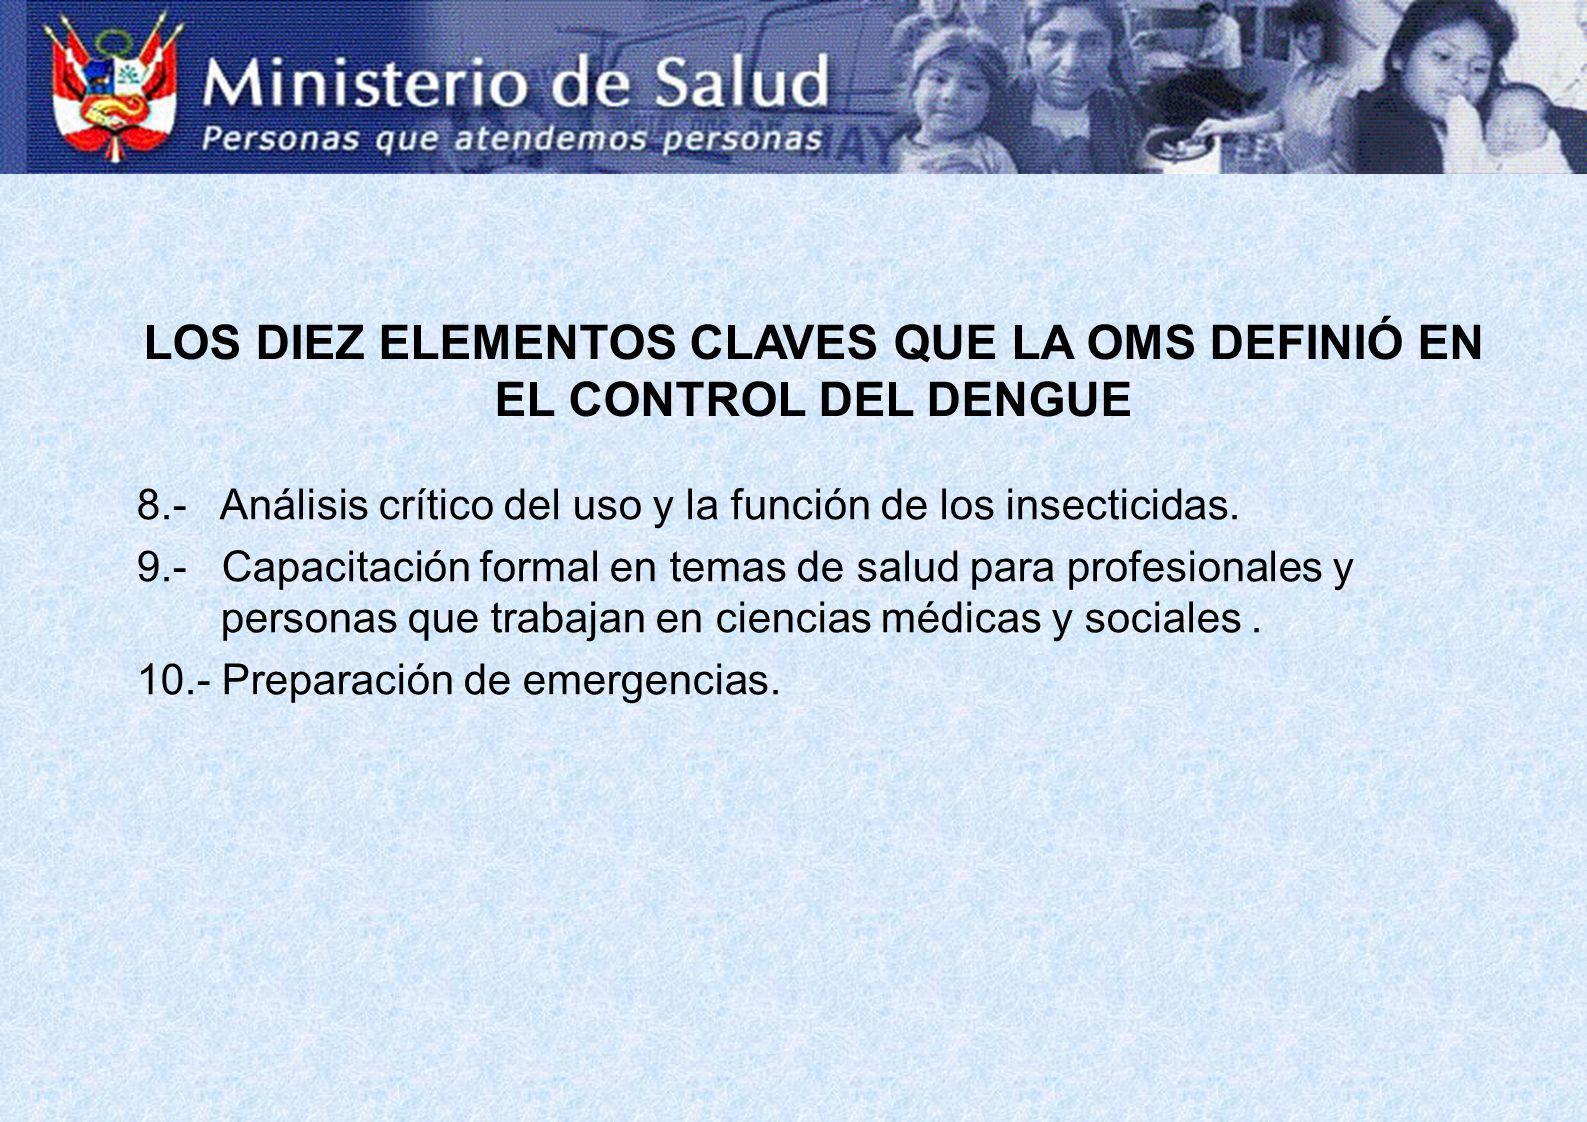 LOS DIEZ ELEMENTOS CLAVES QUE LA OMS DEFINIÓ EN EL CONTROL DEL DENGUE 8.- Análisis crítico del uso y la función de los insecticidas.